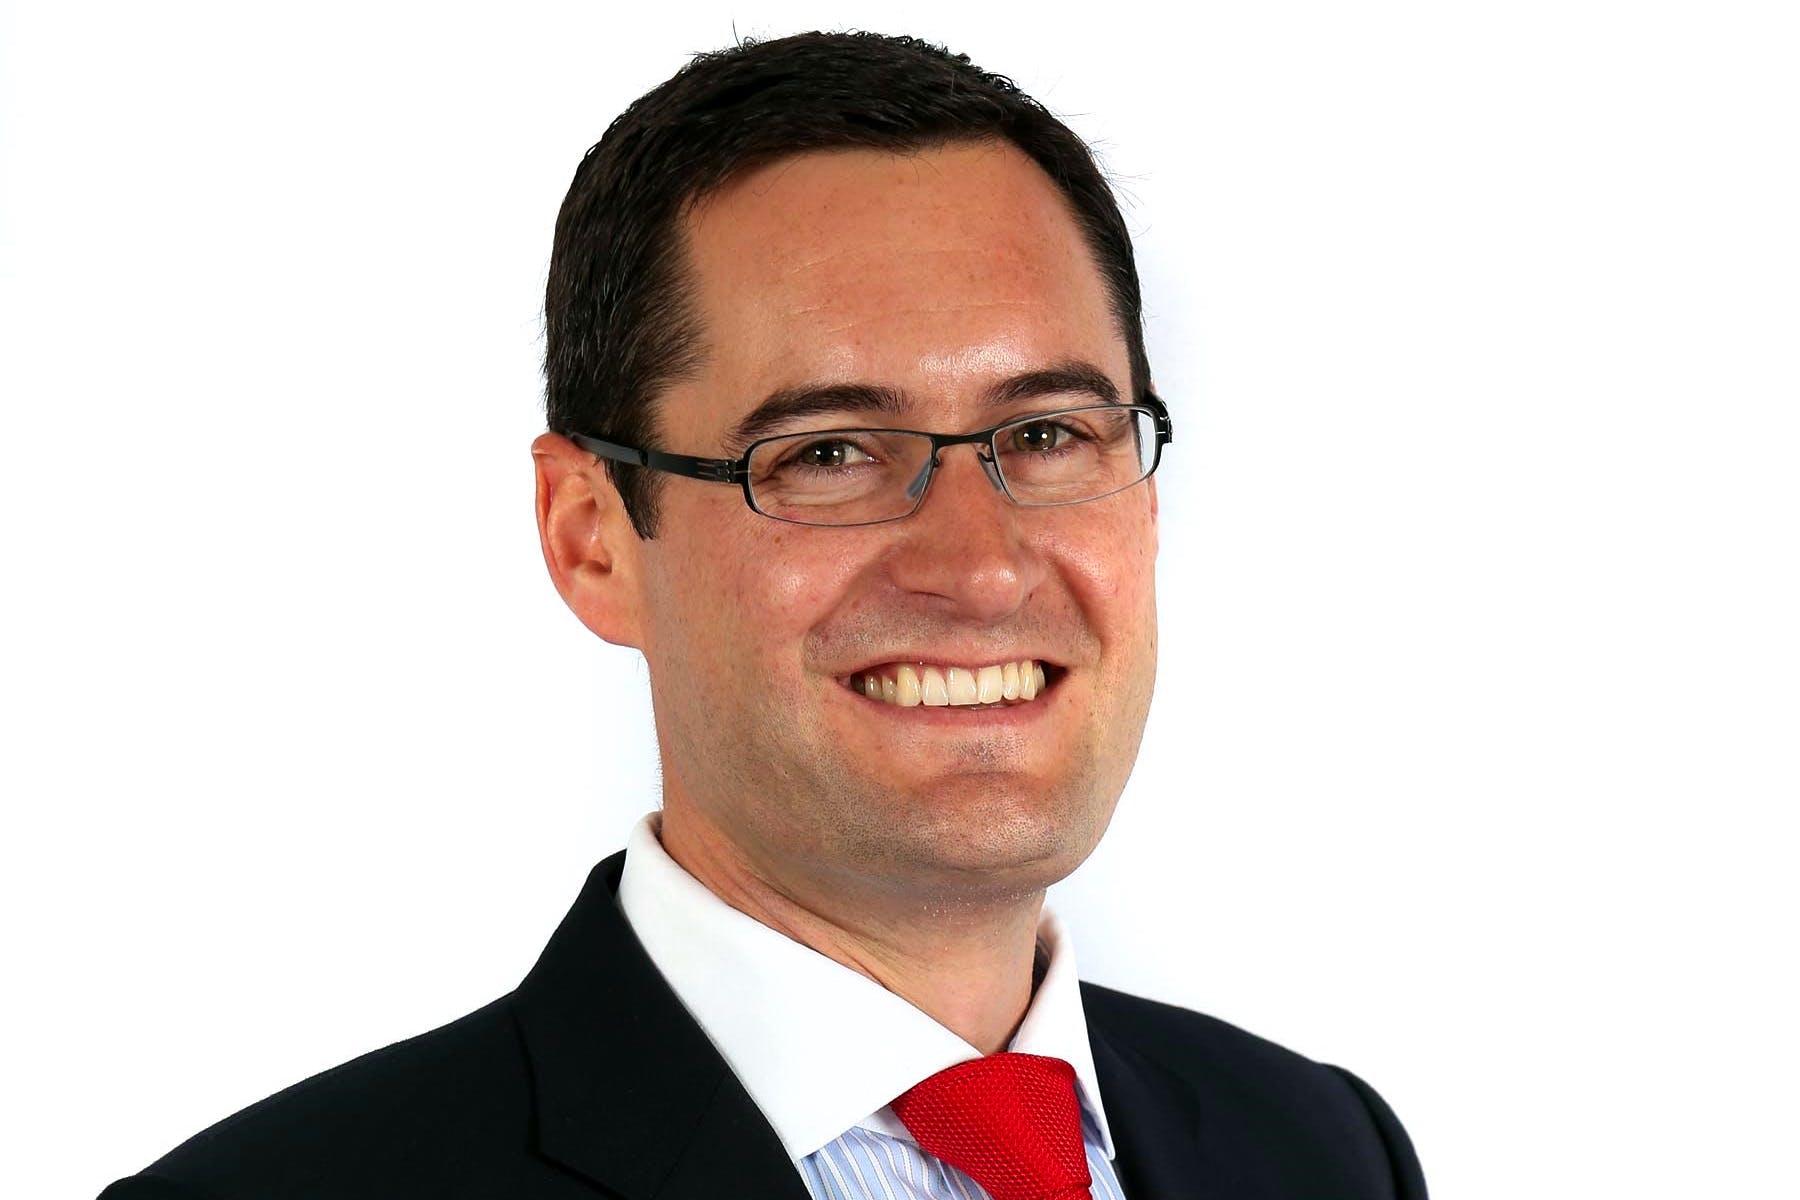 Simon Adcock HSBC